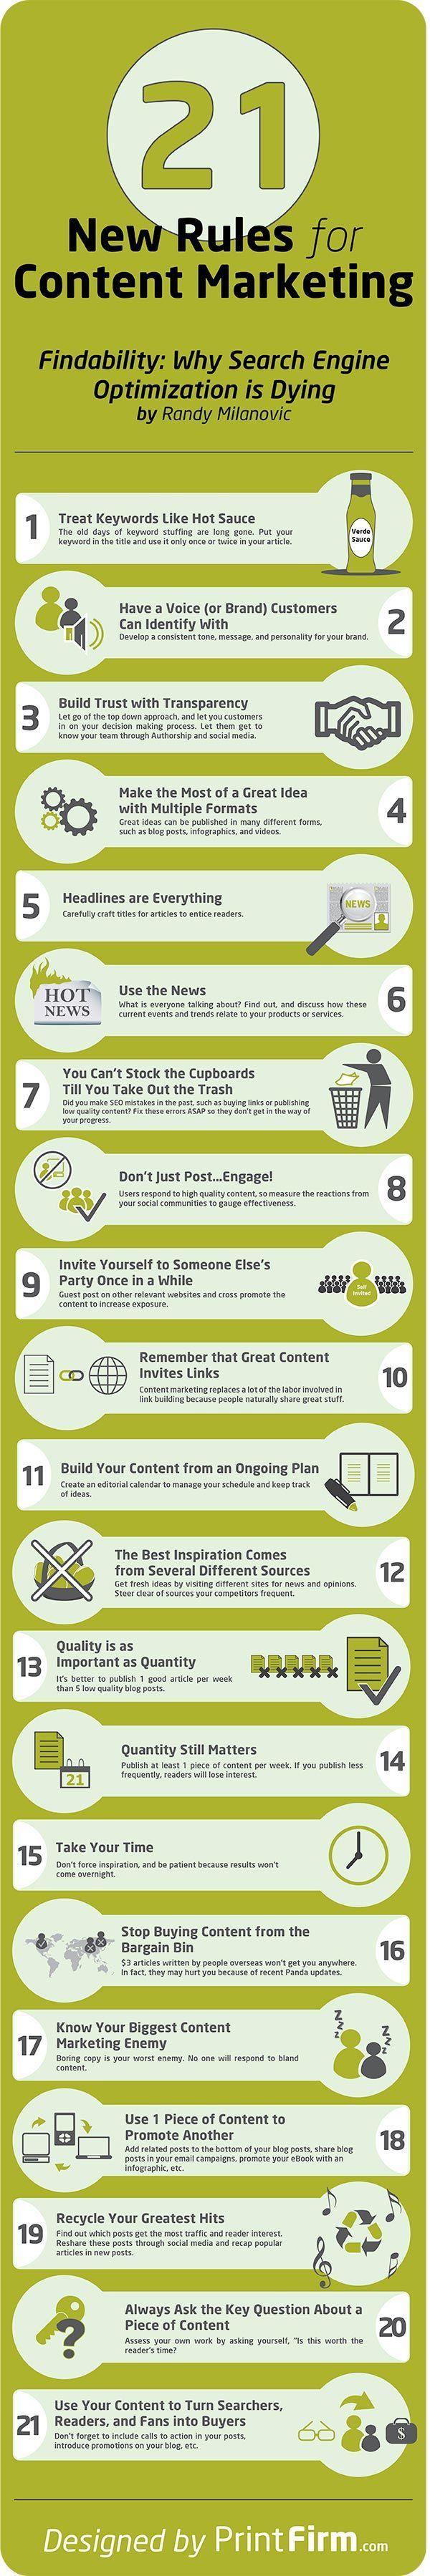 21 New Rules for #ContentMarketing #infographic image by @PrintFirm.com.com via blog.printfirm.com